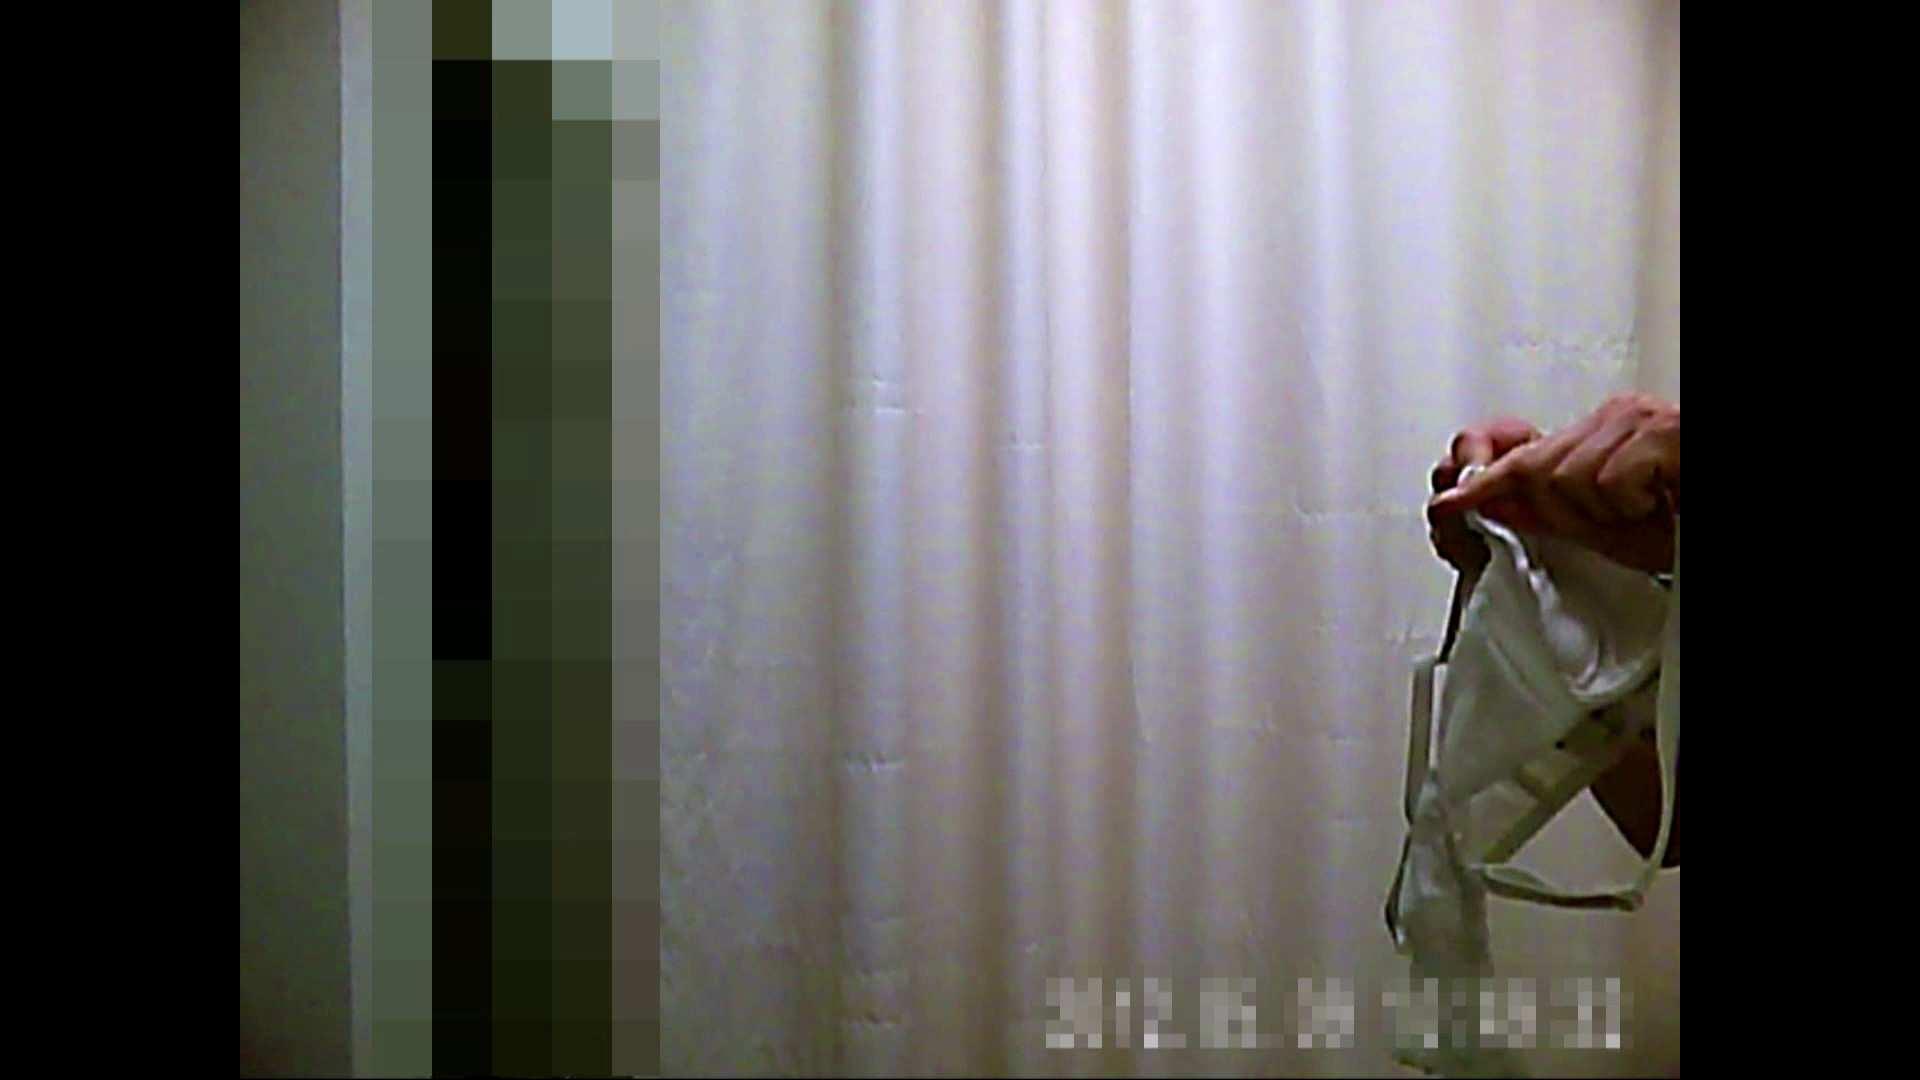 元医者による反抗 更衣室地獄絵巻 vol.267 OLハメ撮り  81Pix 66